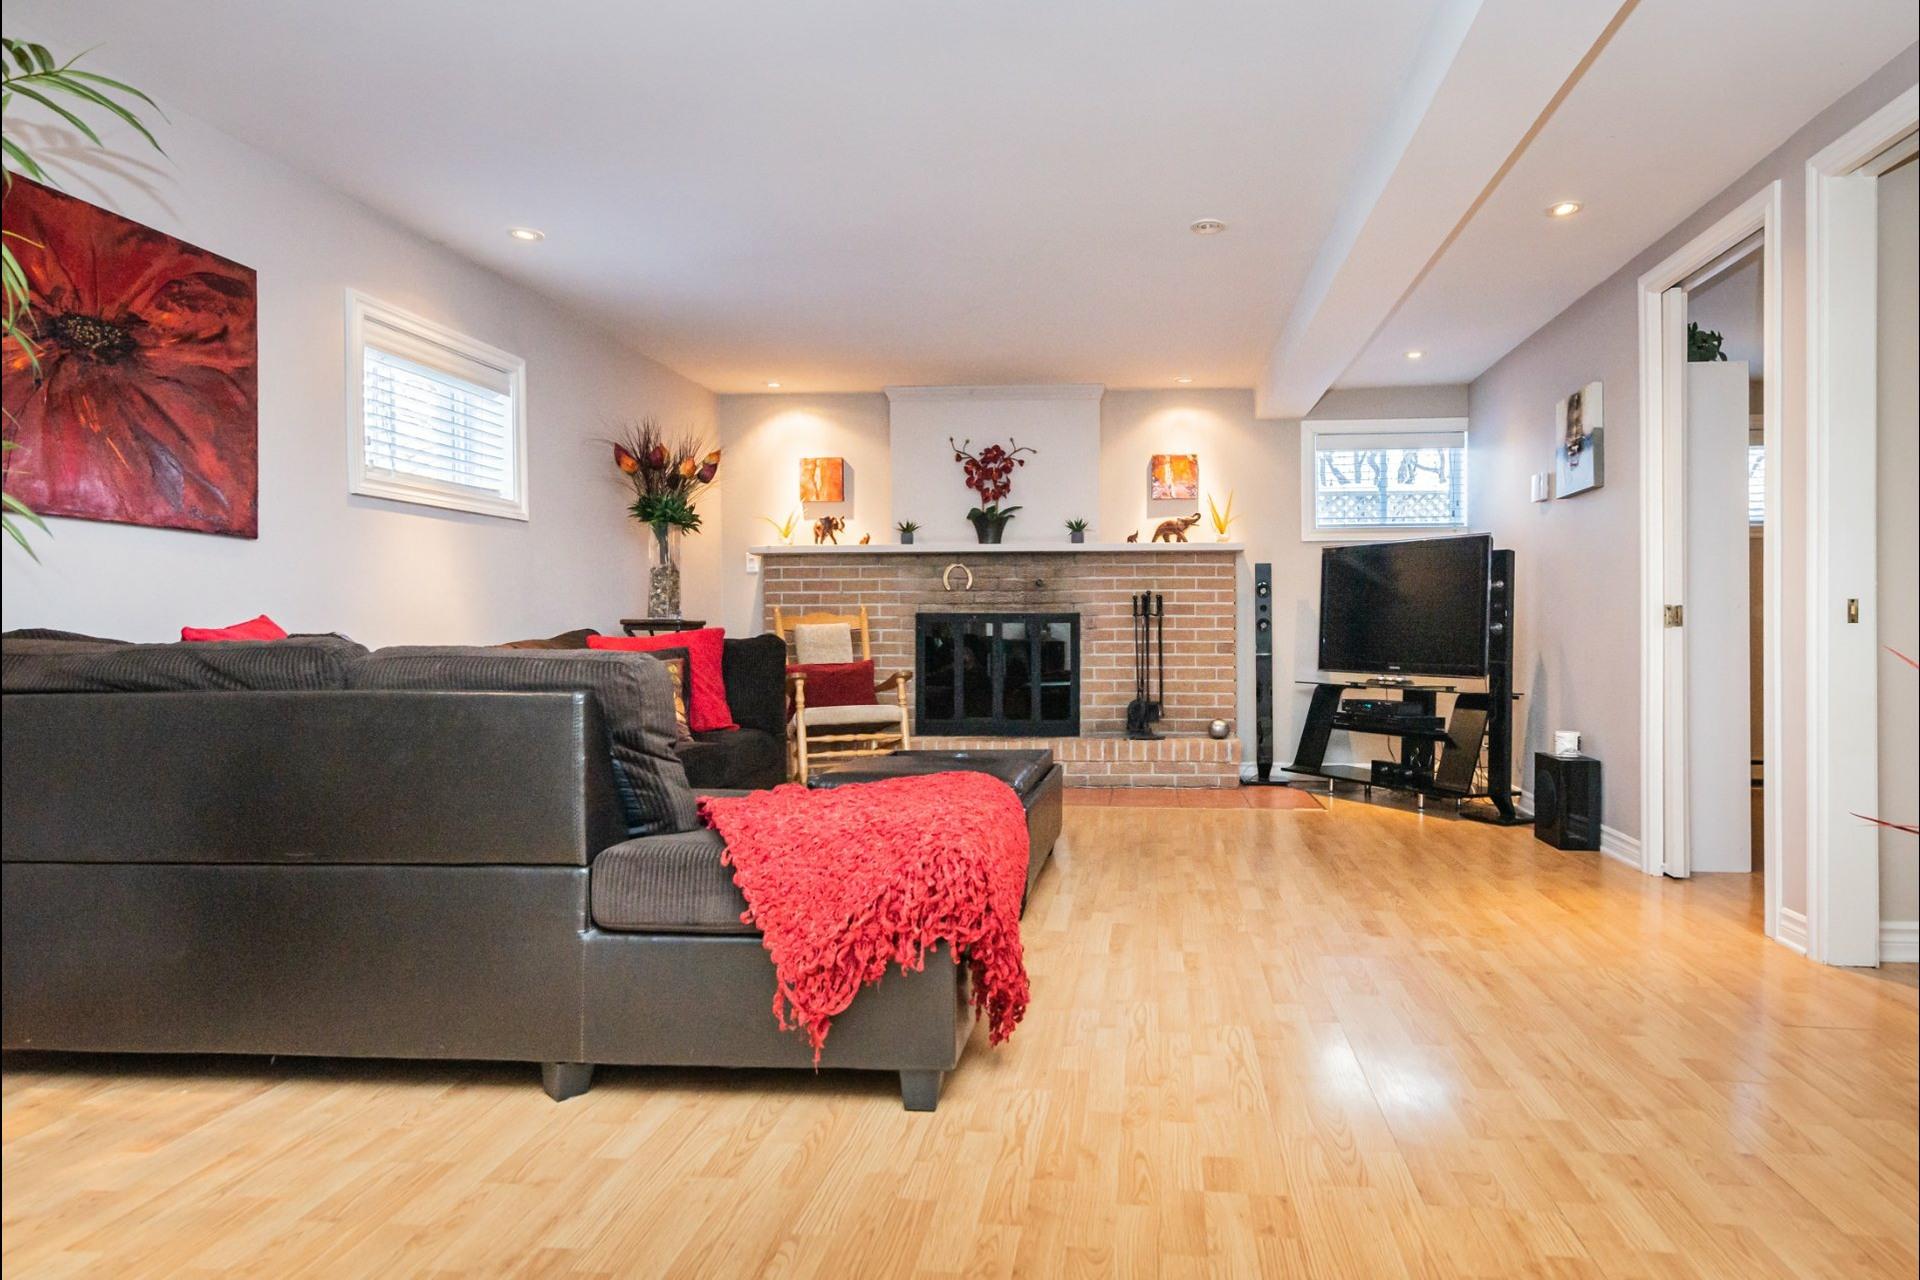 image 13 - House For sale L'Île-Bizard/Sainte-Geneviève Montréal  - 12 rooms